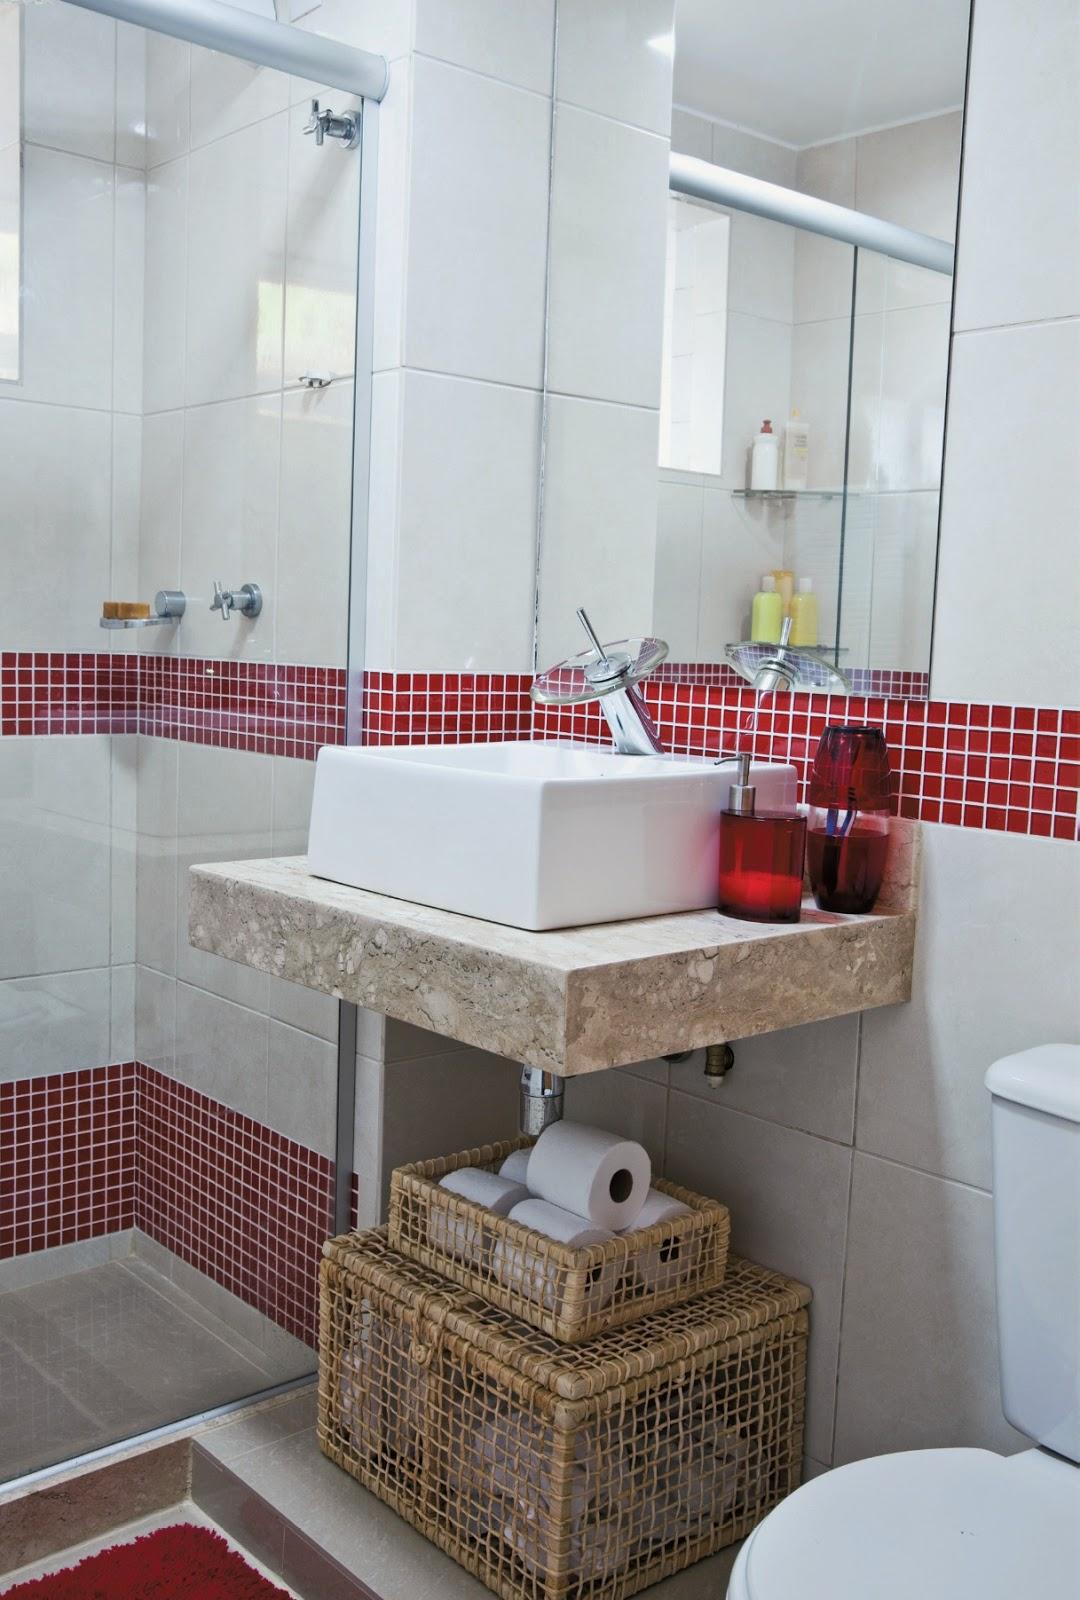 Pin Banheiras De Canto Banheiro Pequeno Banheira Banheiros Luxo on  #693C38 1080 1600